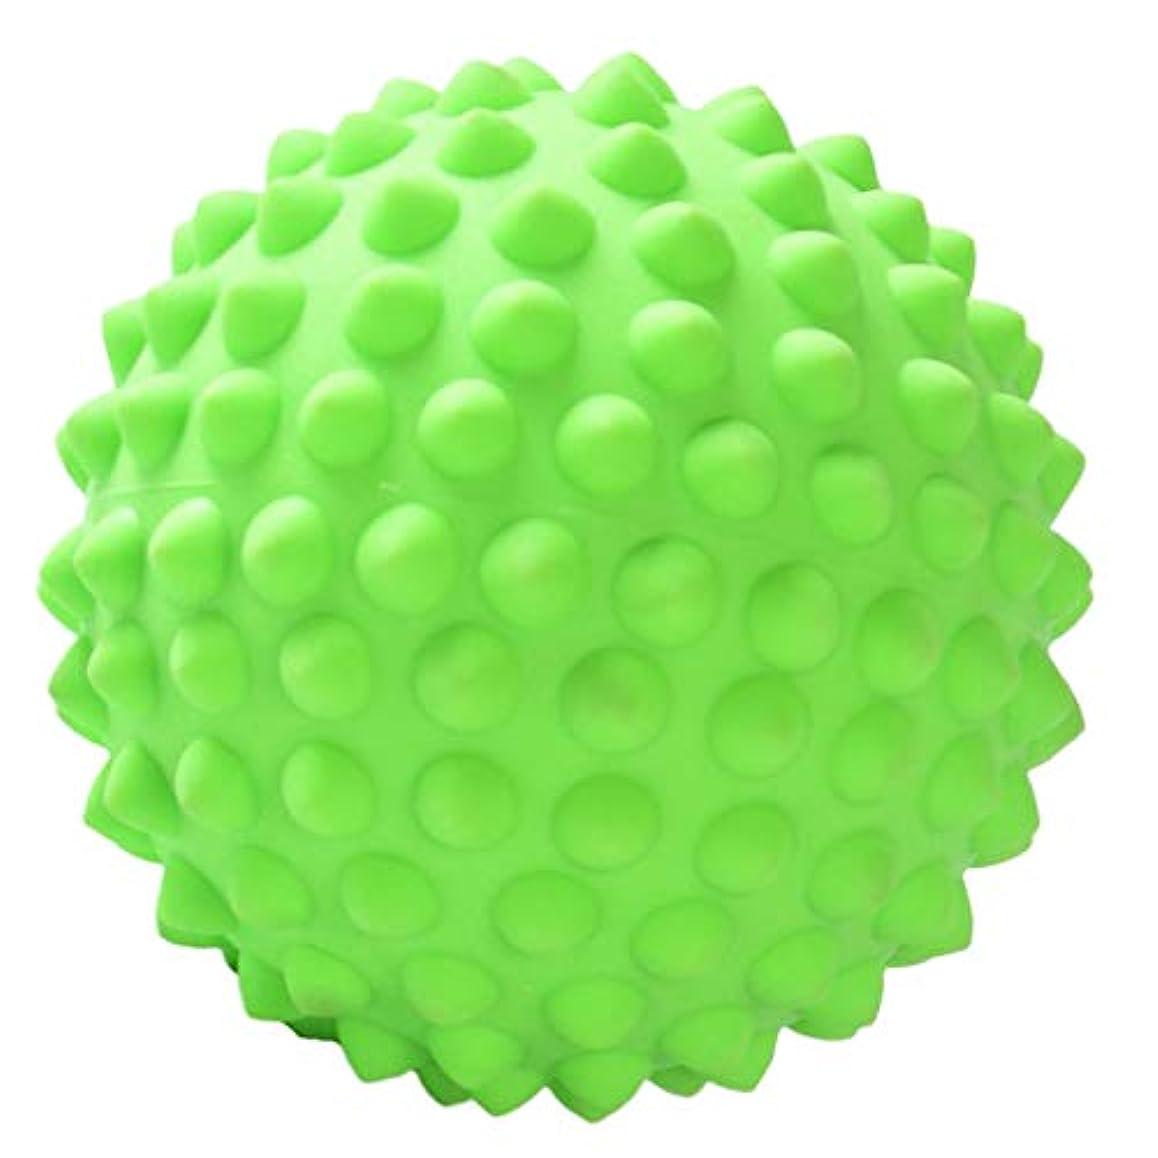 かご信仰眼ハードスパイキーマッサージボールボディディープティッシュリラクゼーション足底筋膜炎の救済 - 緑, 説明のとおり